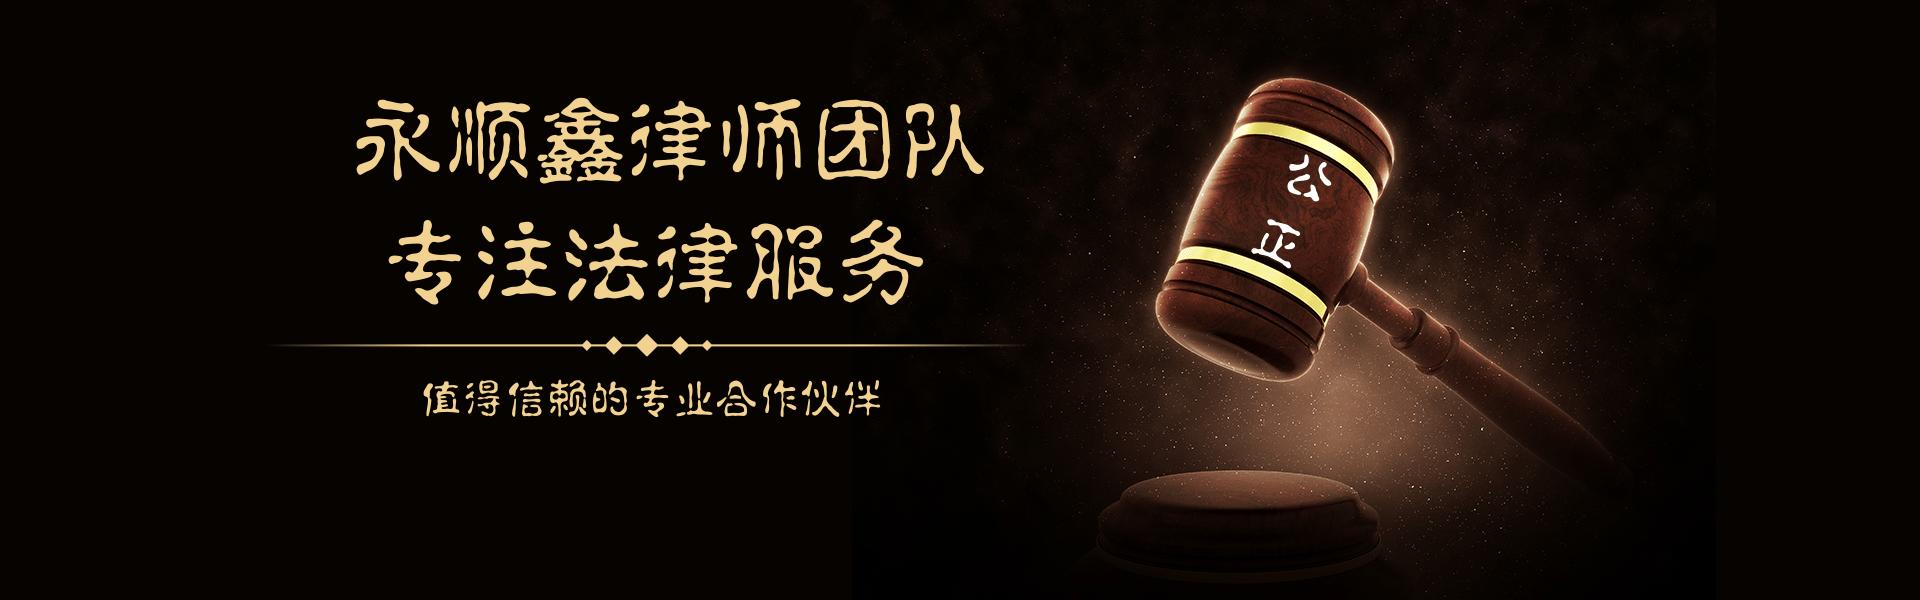 专注优质法律服务,广东商达(龙华)律师事务所